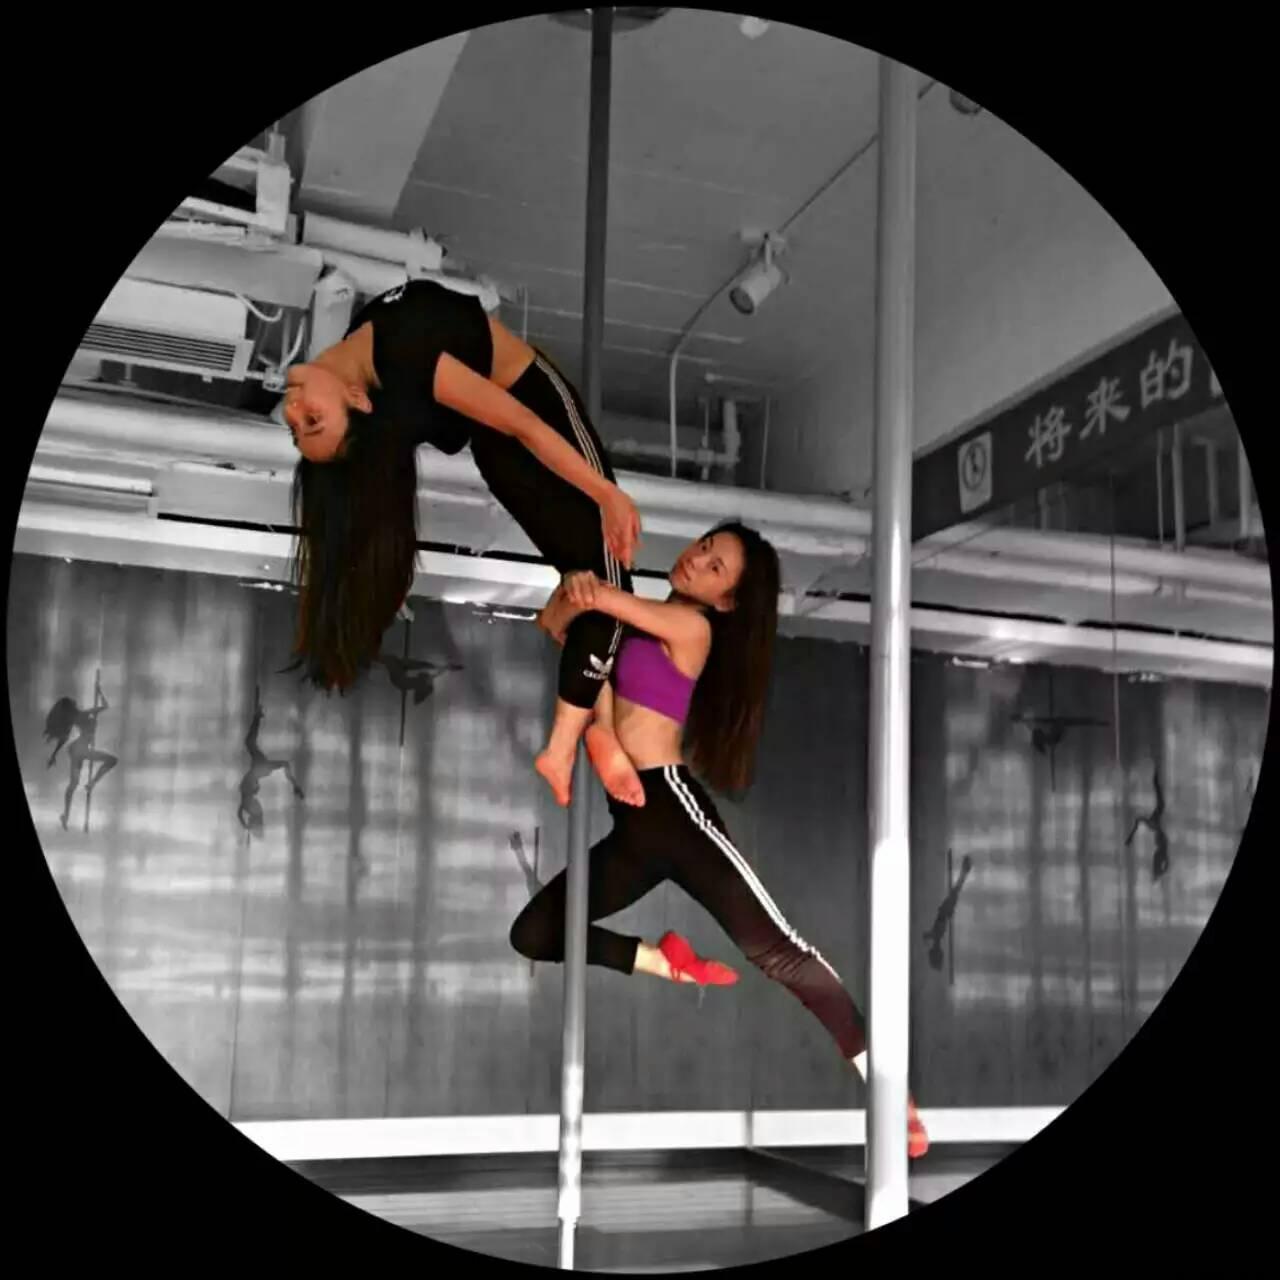 9月份雅婷钢管舞教学视频成品网,钢管舞秀